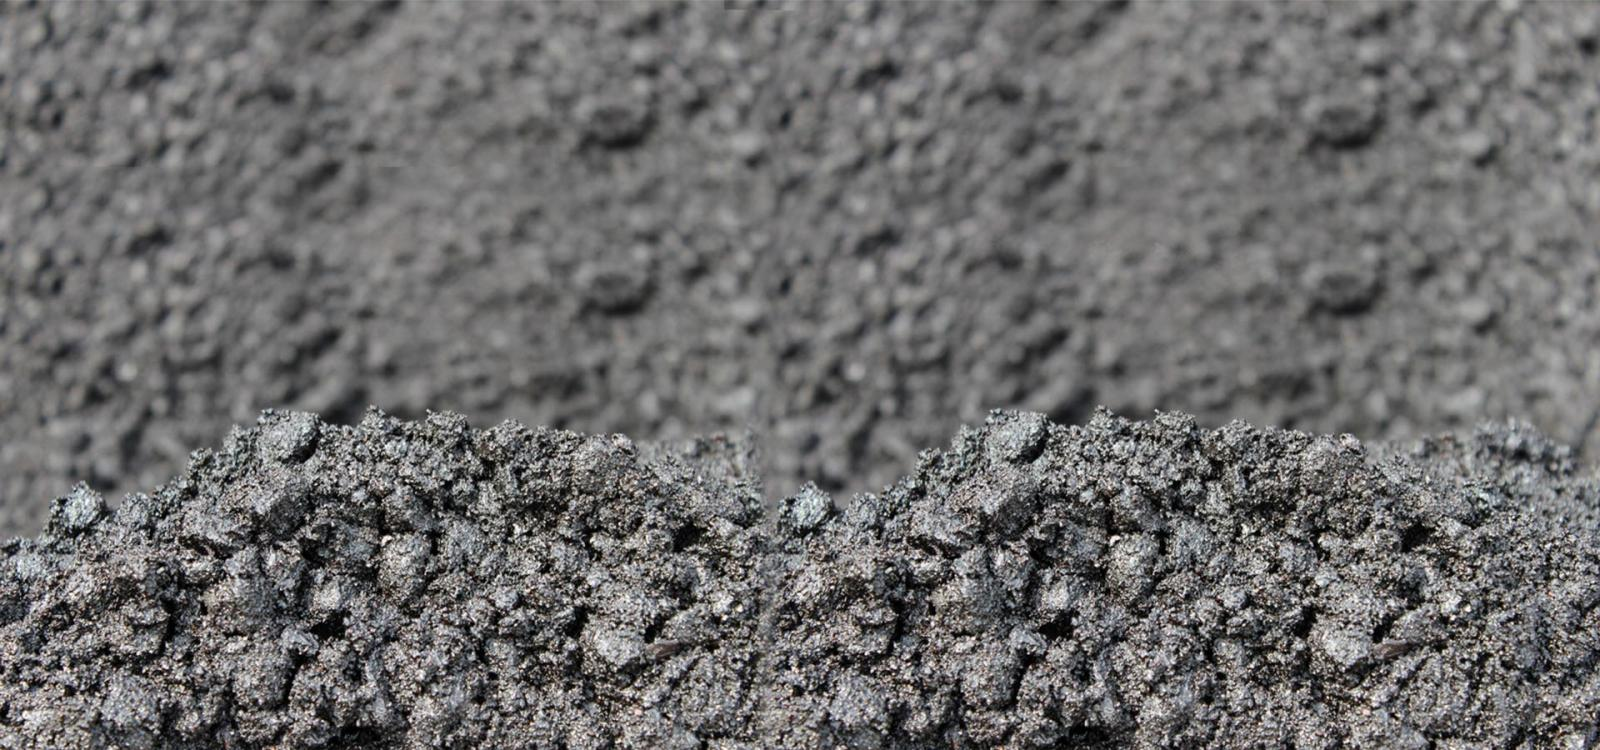 Бетон лучший коронка для бурение бетона купить